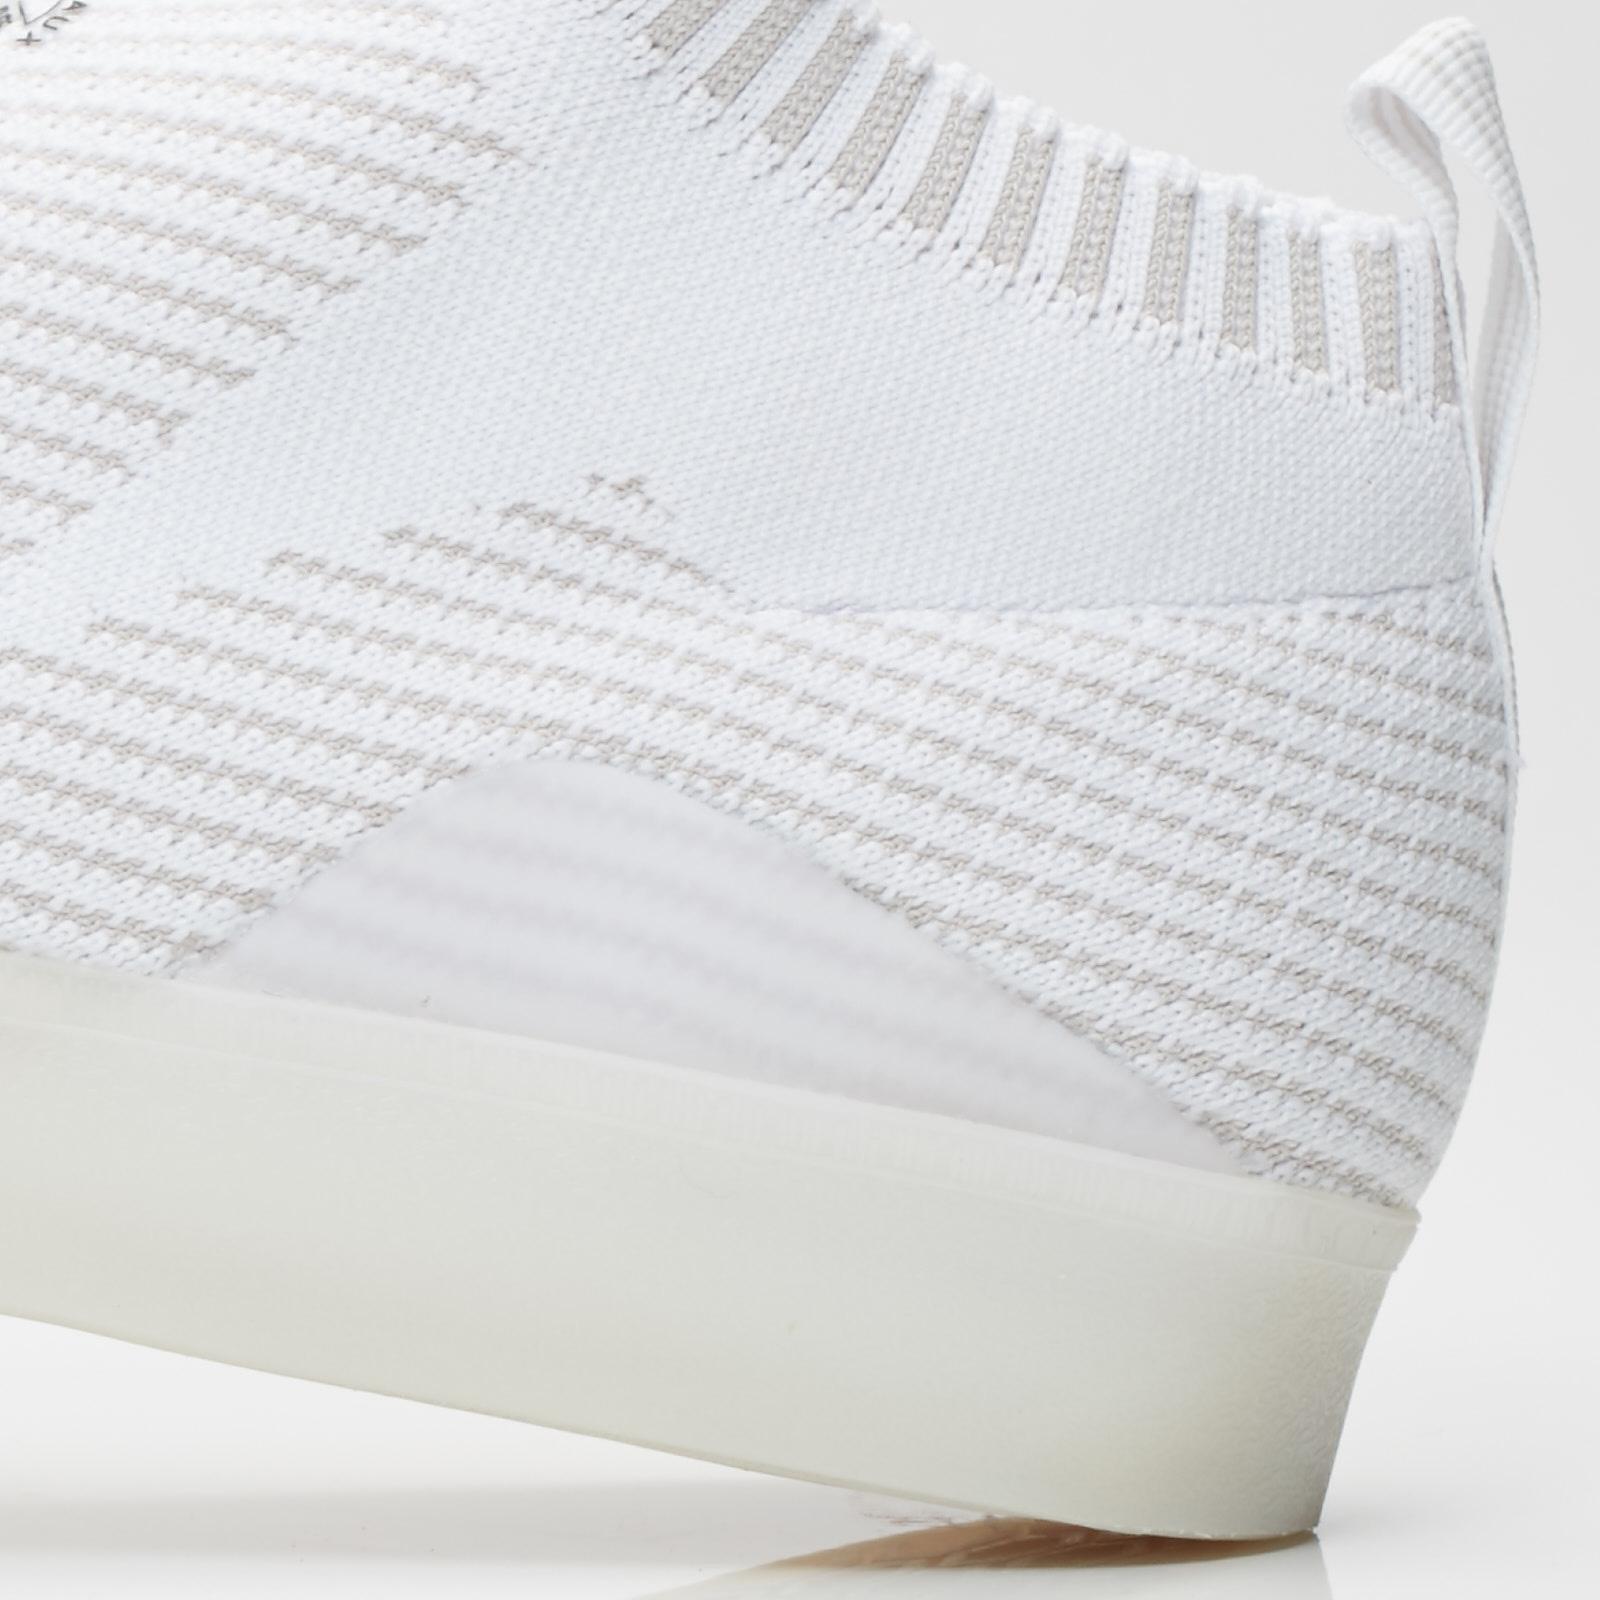 best sneakers afff6 0eec0 ... adidas Originals 3ST.002 PK ...